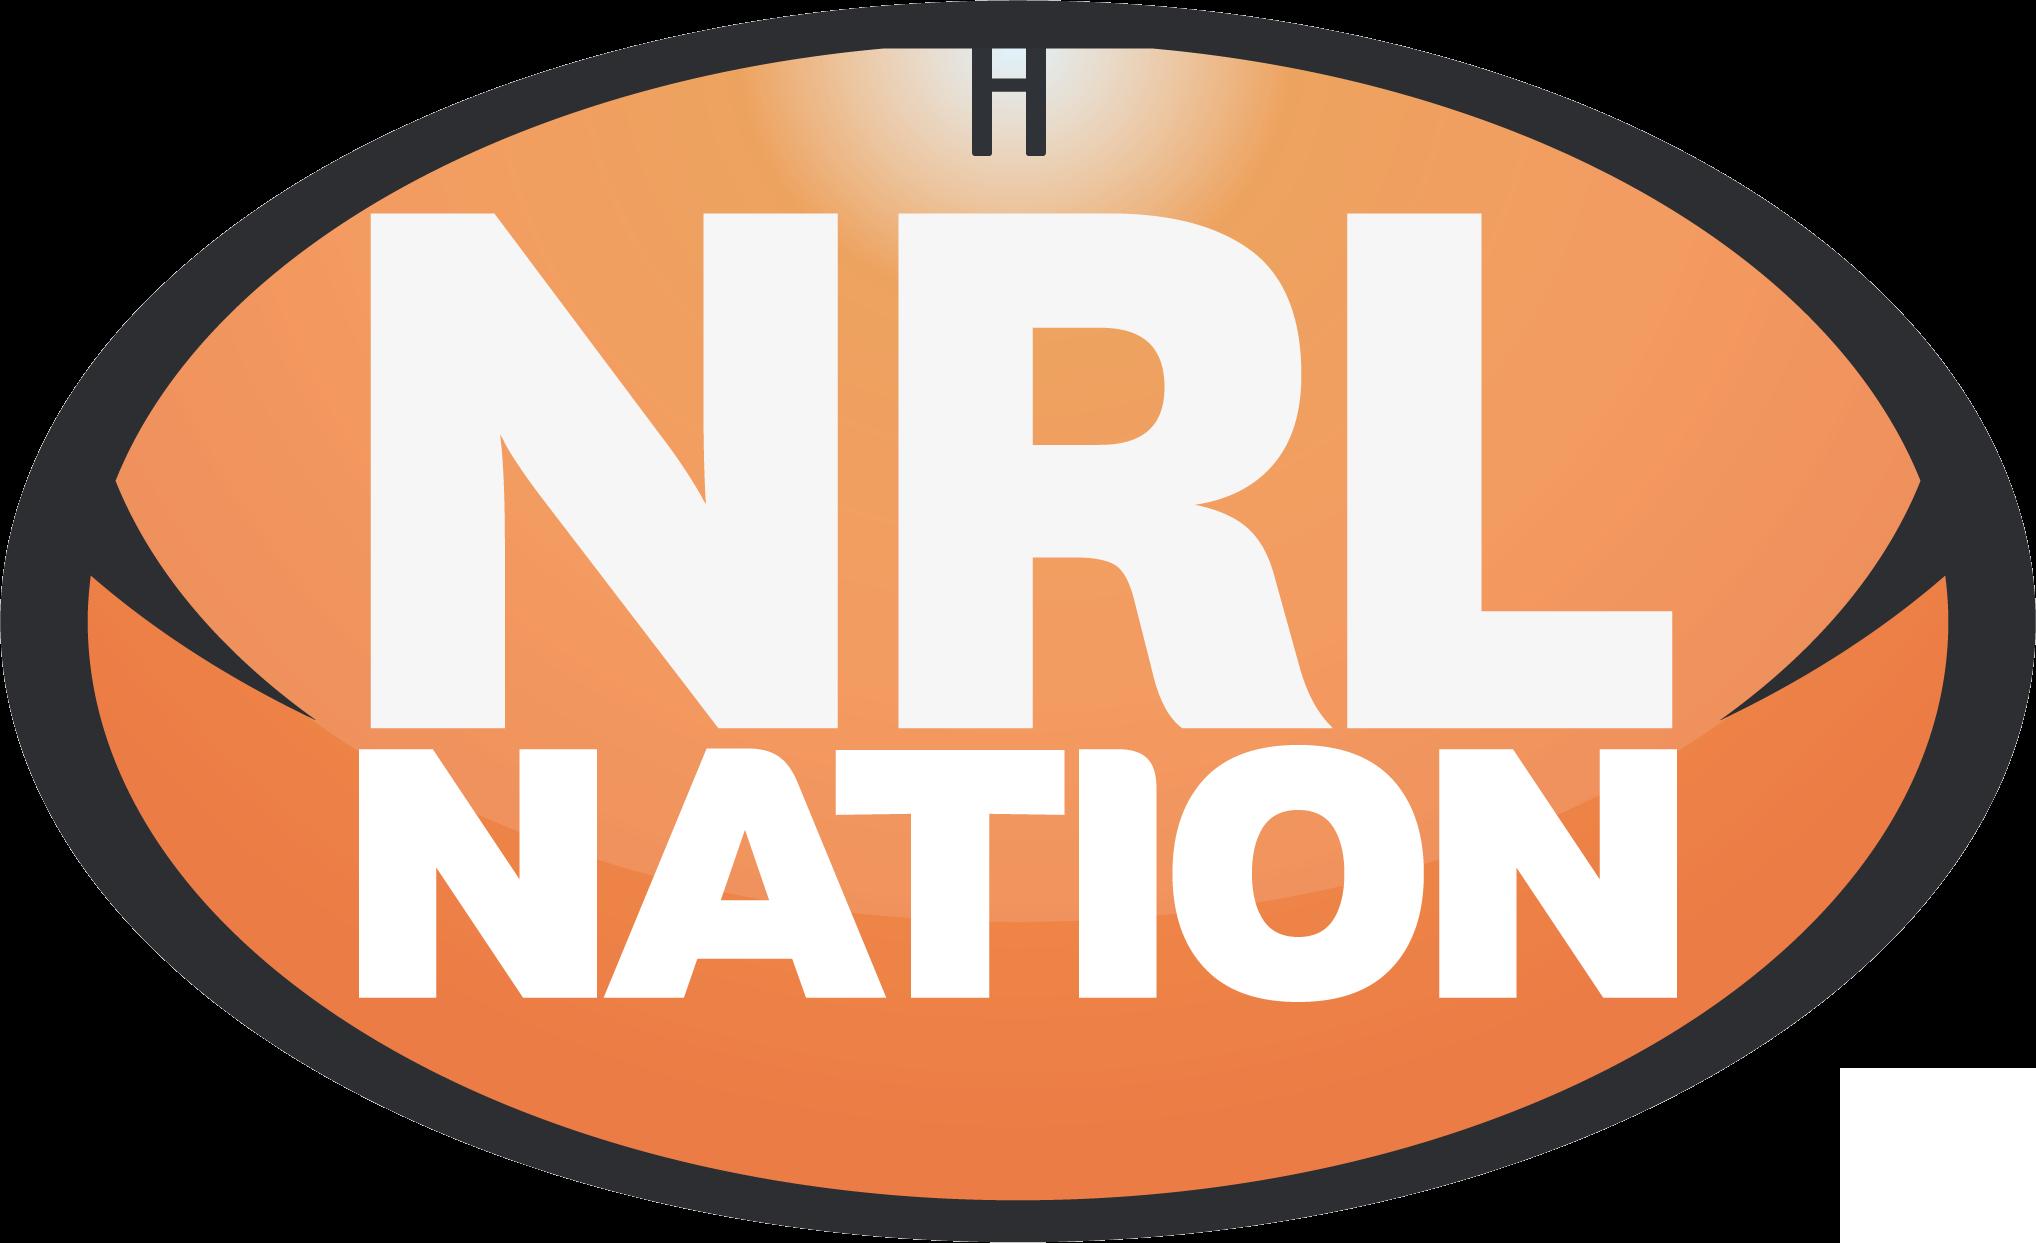 NRLNation_1.png